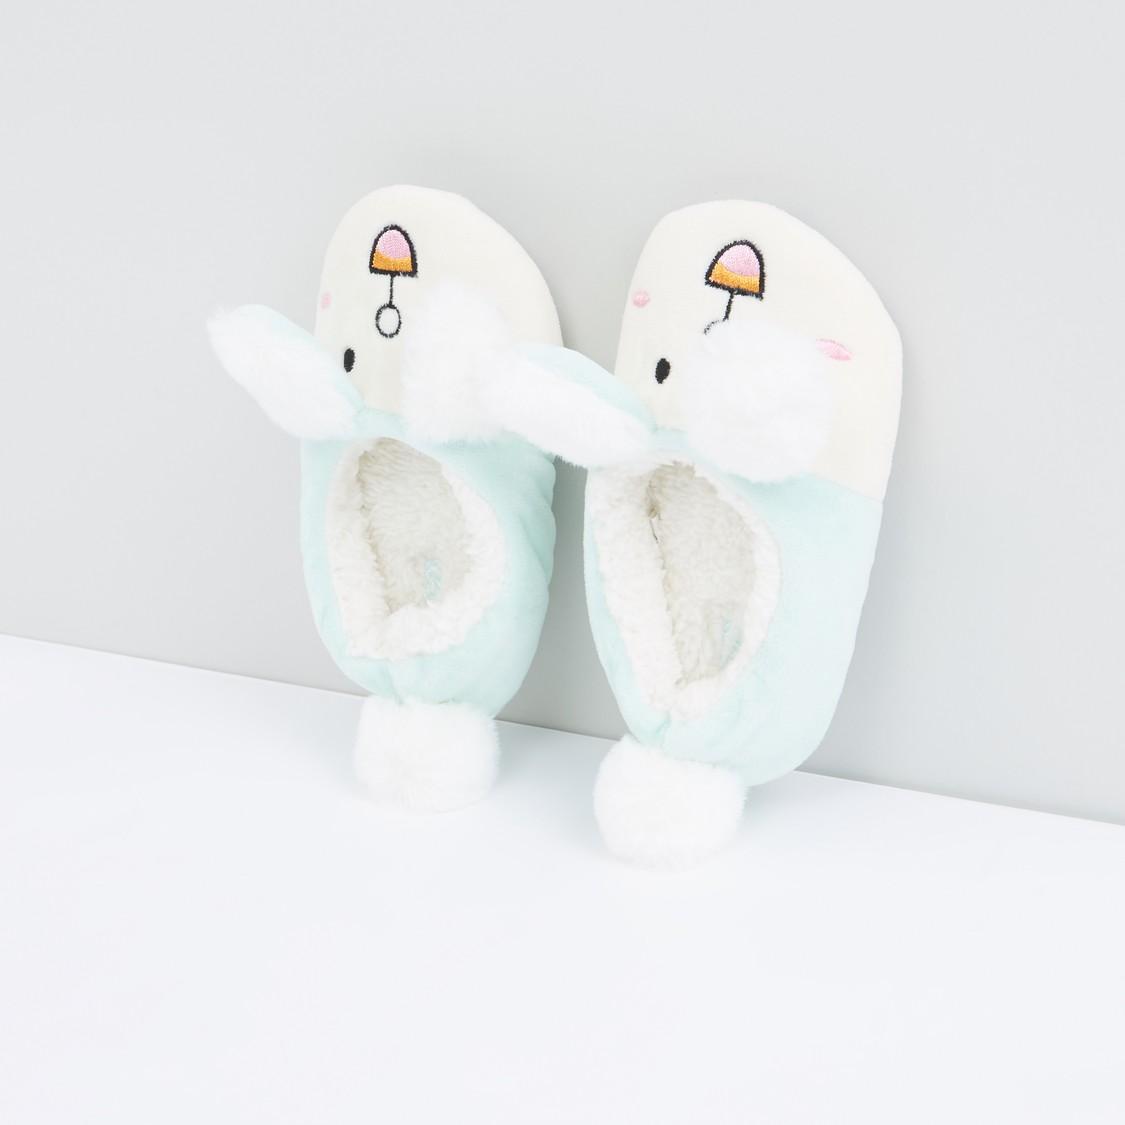 حذاء غرفة نوم سهل الارتداء قطيفة